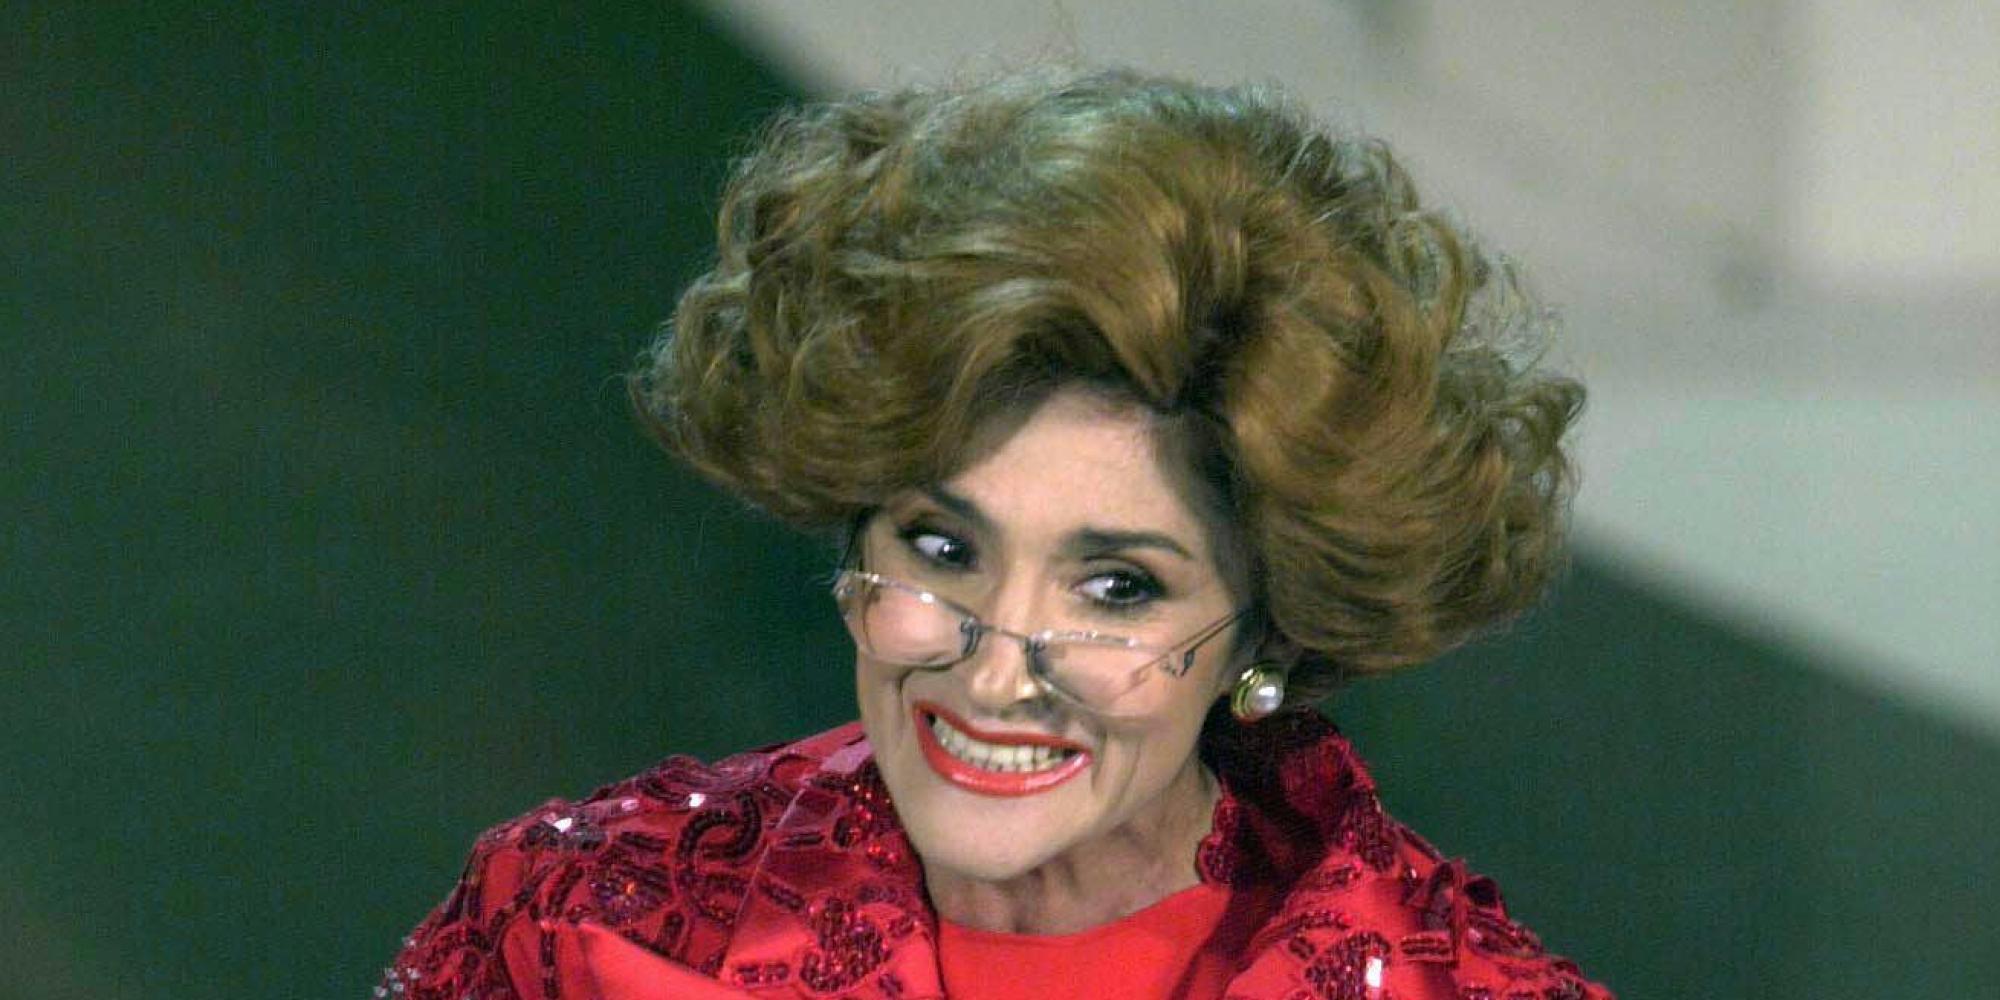 Anna Marchesini, caduta a teatro per l'attrice: si appoggia al leggio ma scivola